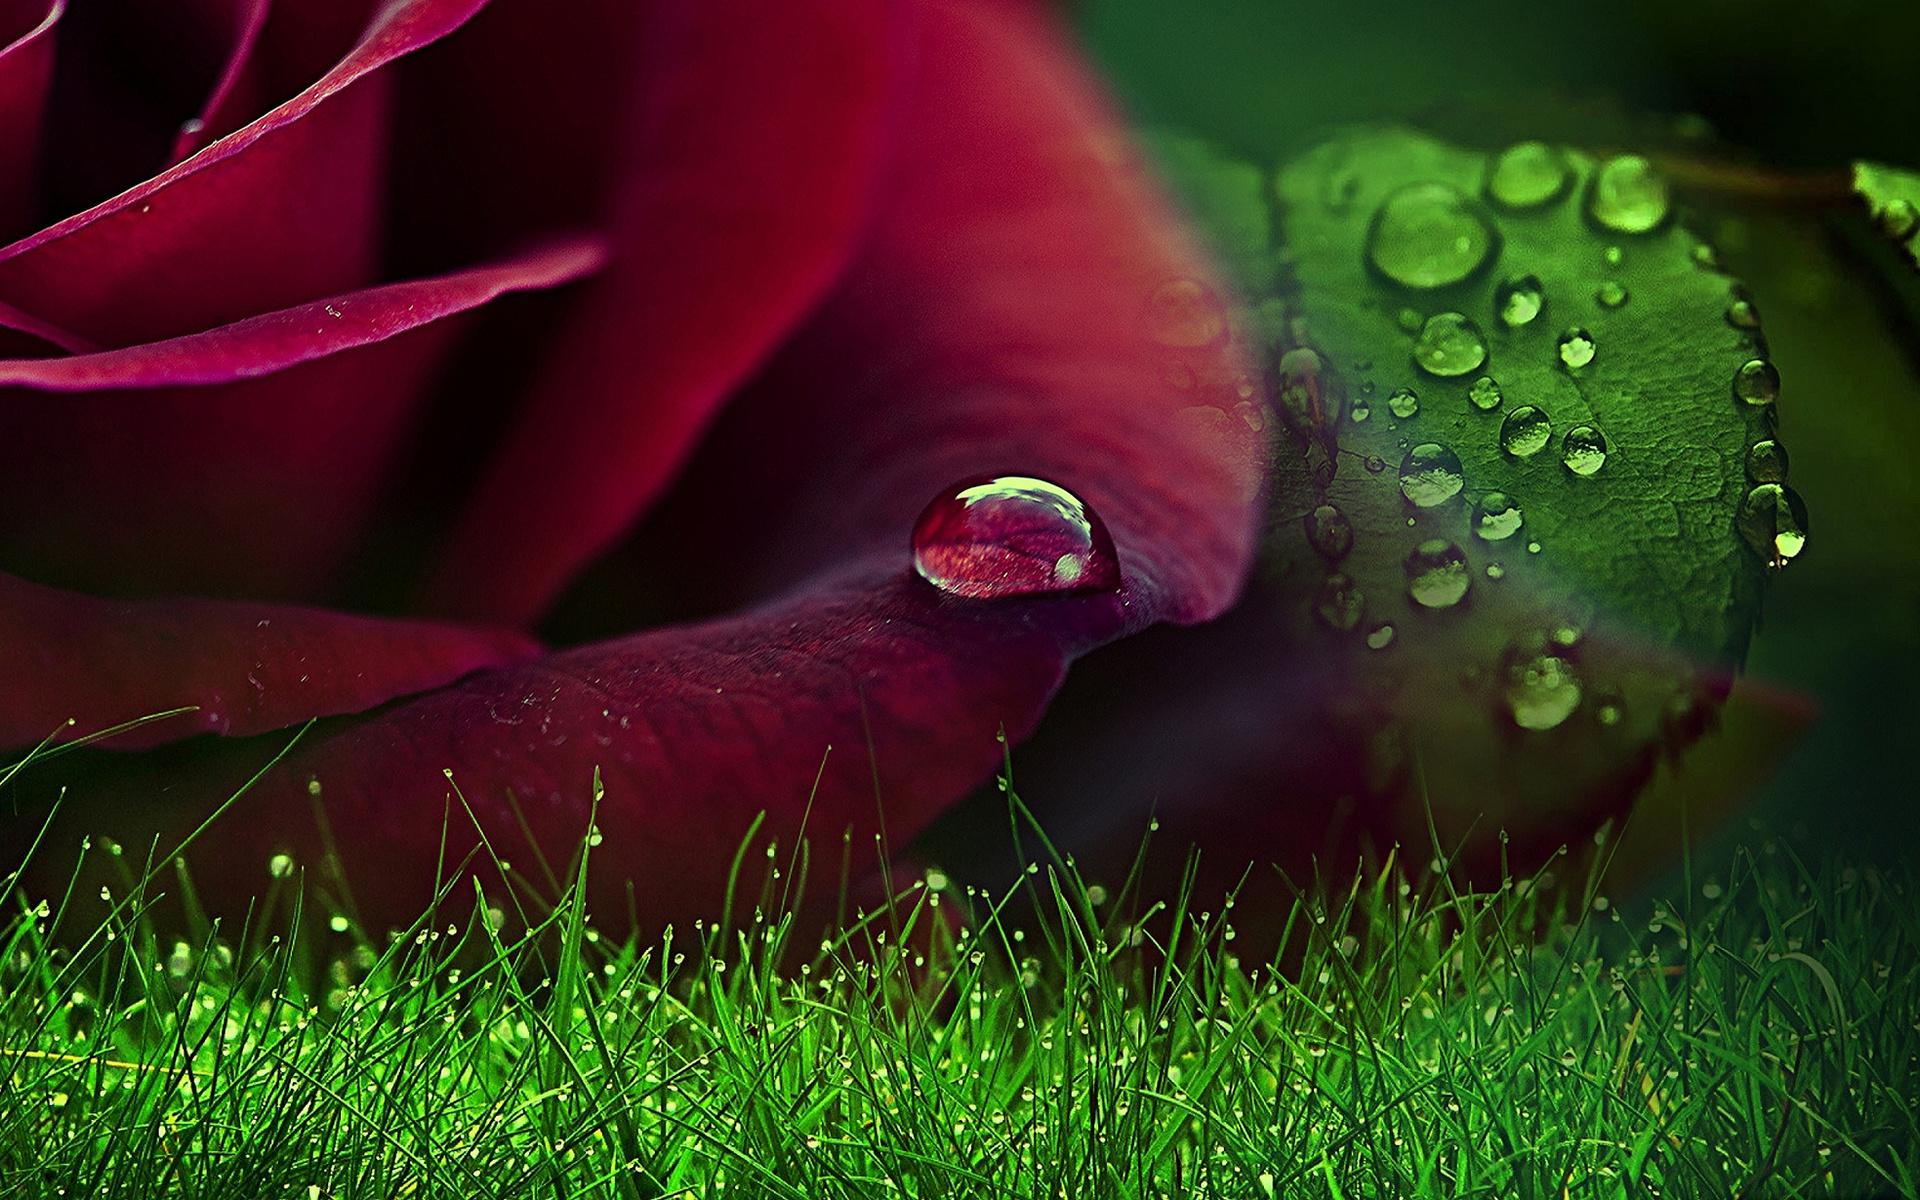 оды картинки цветы с каплями росы вполне можете сделать